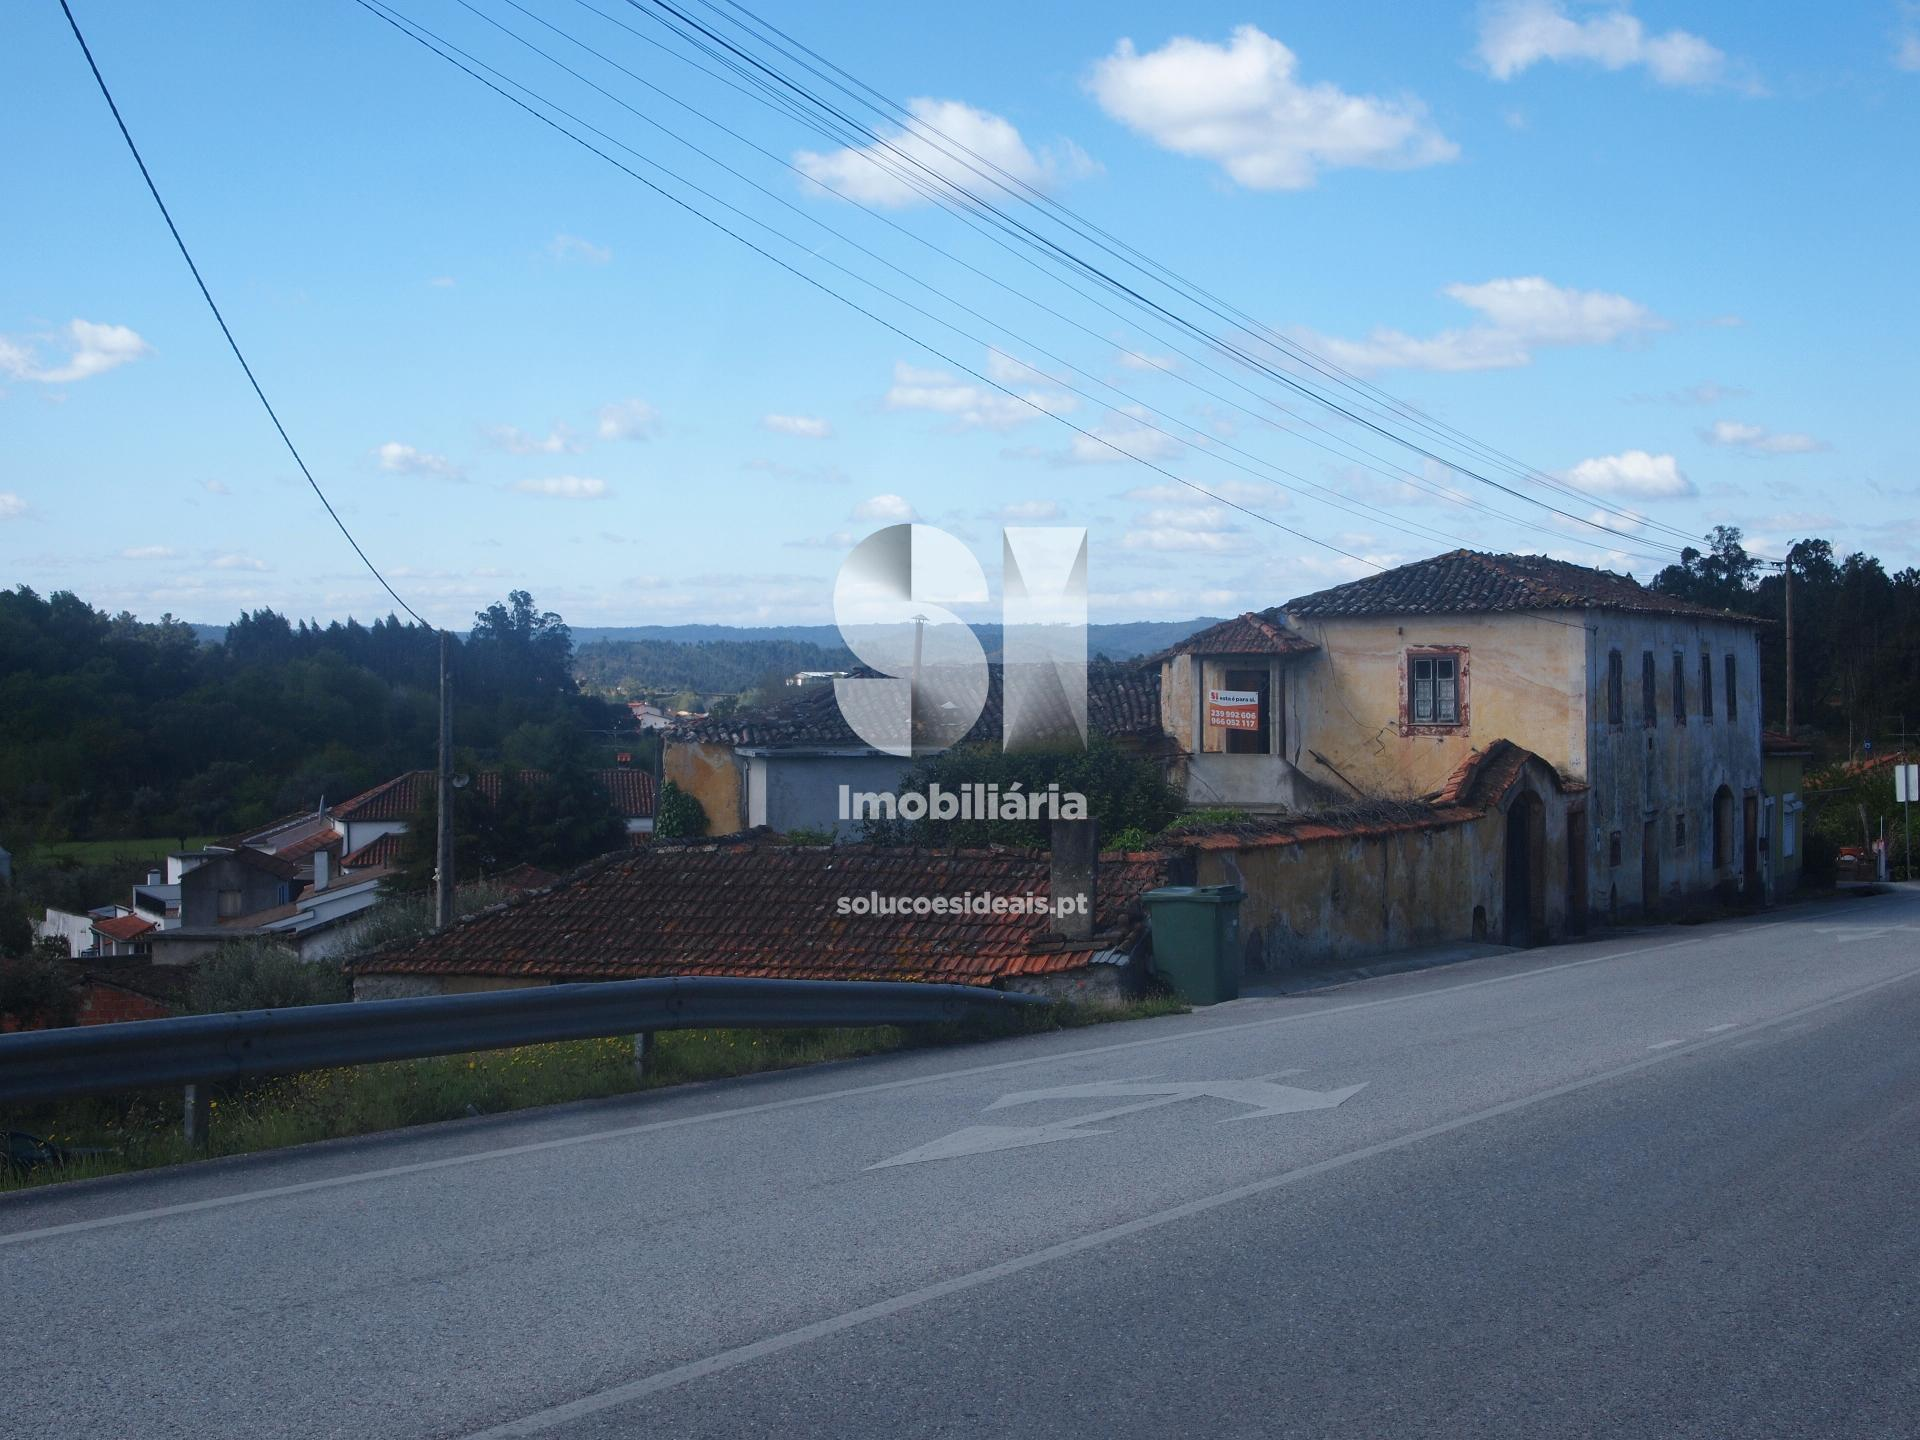 moradia para restaurar t3 para compra em vila nova de poiares poiares santo andre LSACS325